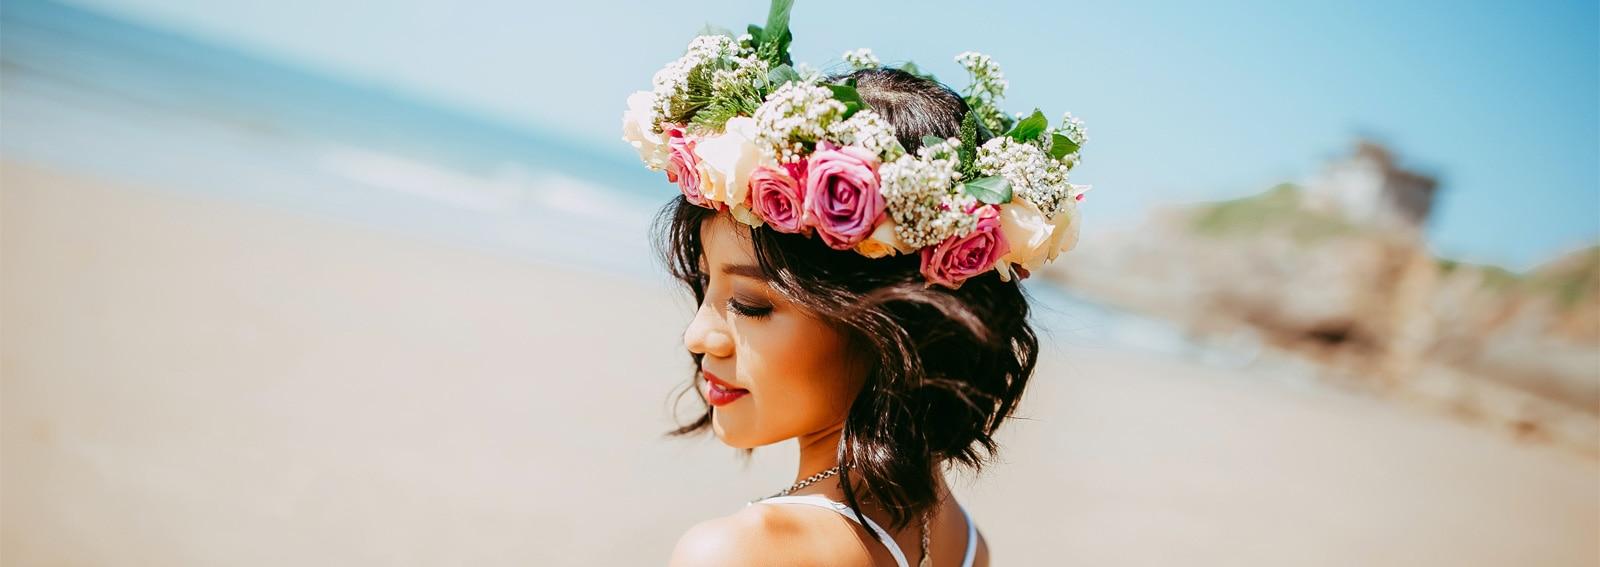 beauty-case-al-mare-prodotti-consigli-vacanze-make-up-solari-capelli-corpo-cover-desktop